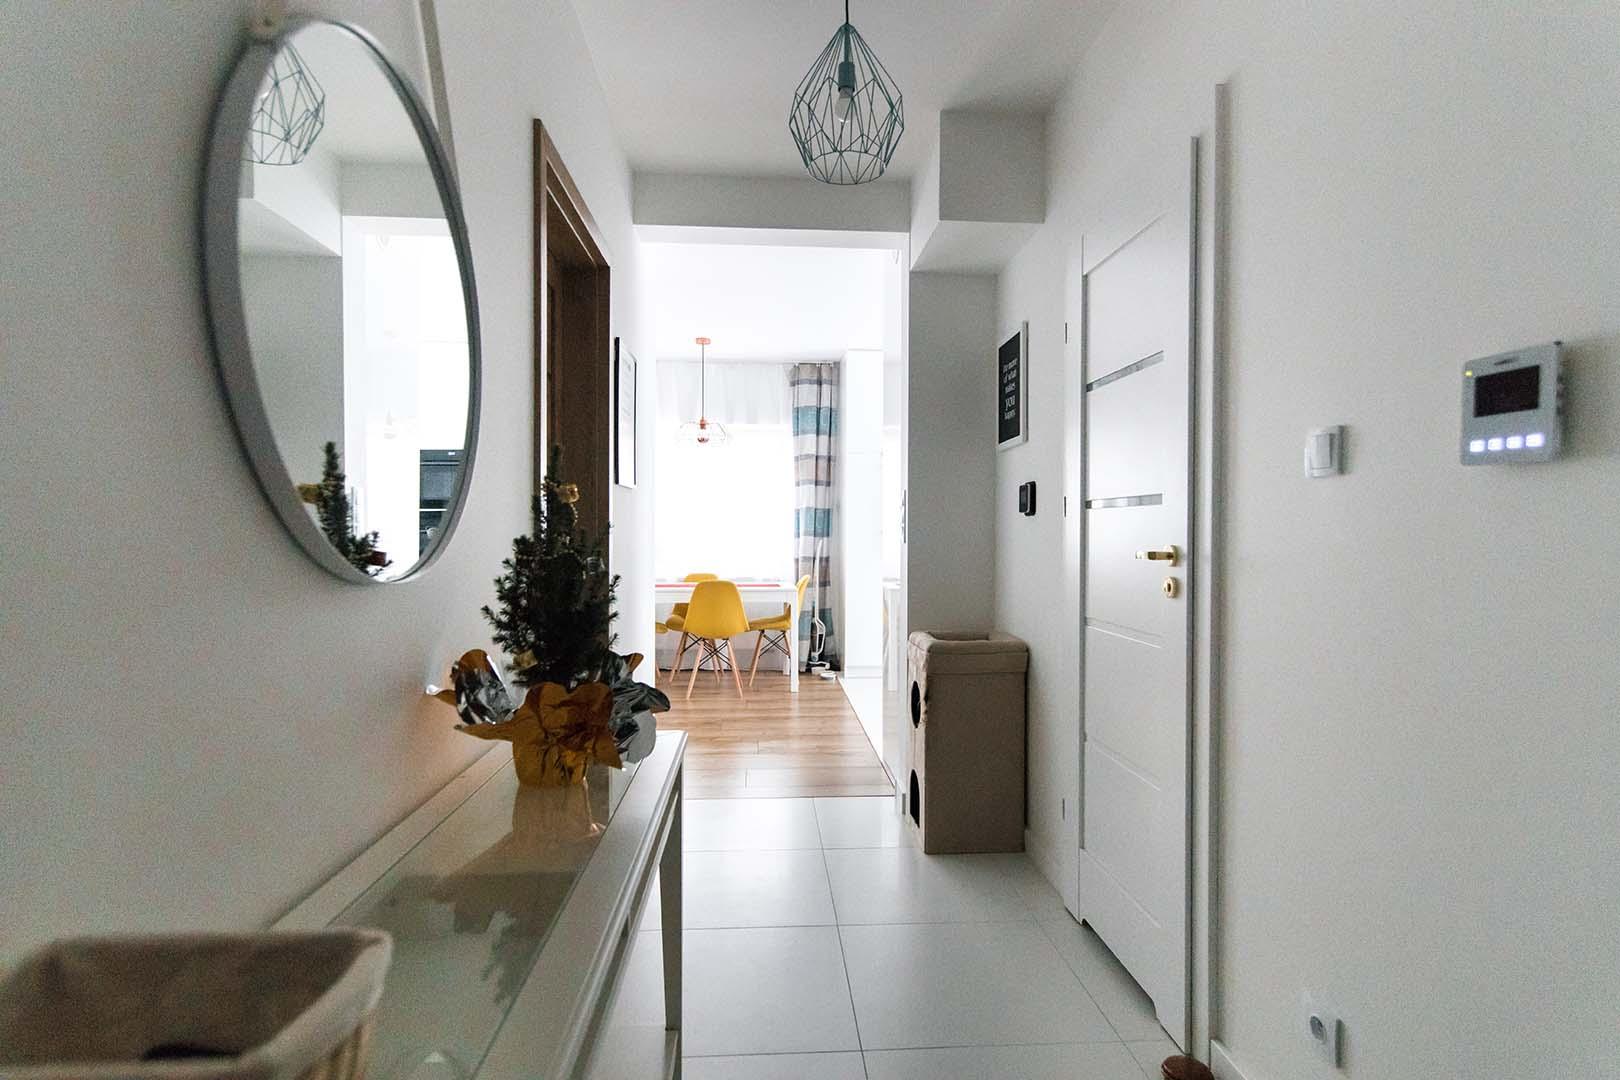 fotograf który zrobi zdjęcia mieszkania Rzeszów